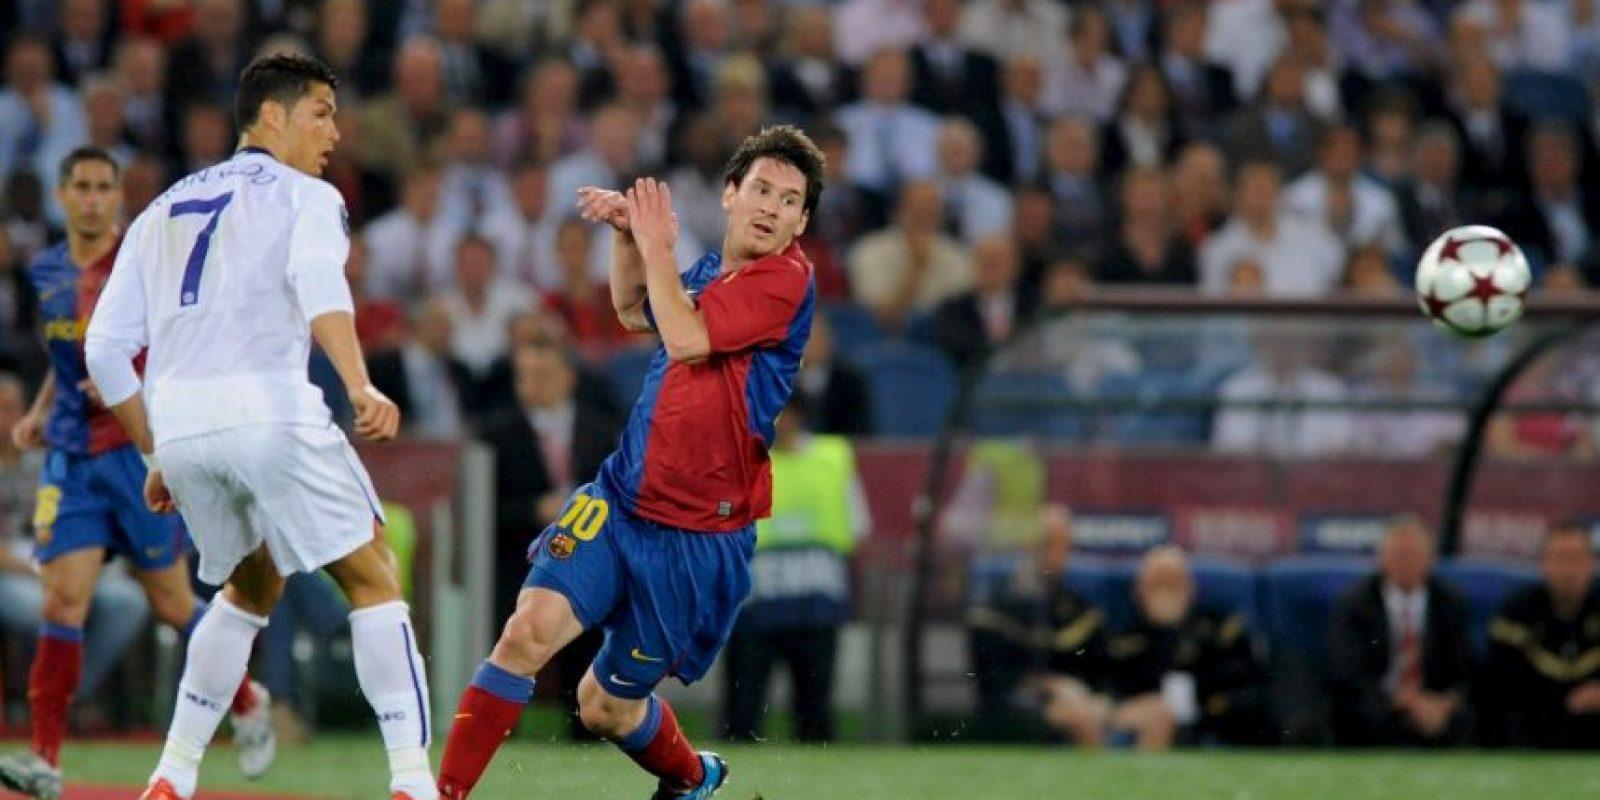 La presencia de las dos estrellas es una gran ayuda para sus equipos, pues Leo y Cristiano son considerados por sus compañeros como los modelos a seguir. Neymar se inspira en Messi y Jesé en Ronaldo. Sí jugaran juntos la inspiración de sus compañeros de club no podría ser mejor. Foto:Getty Images